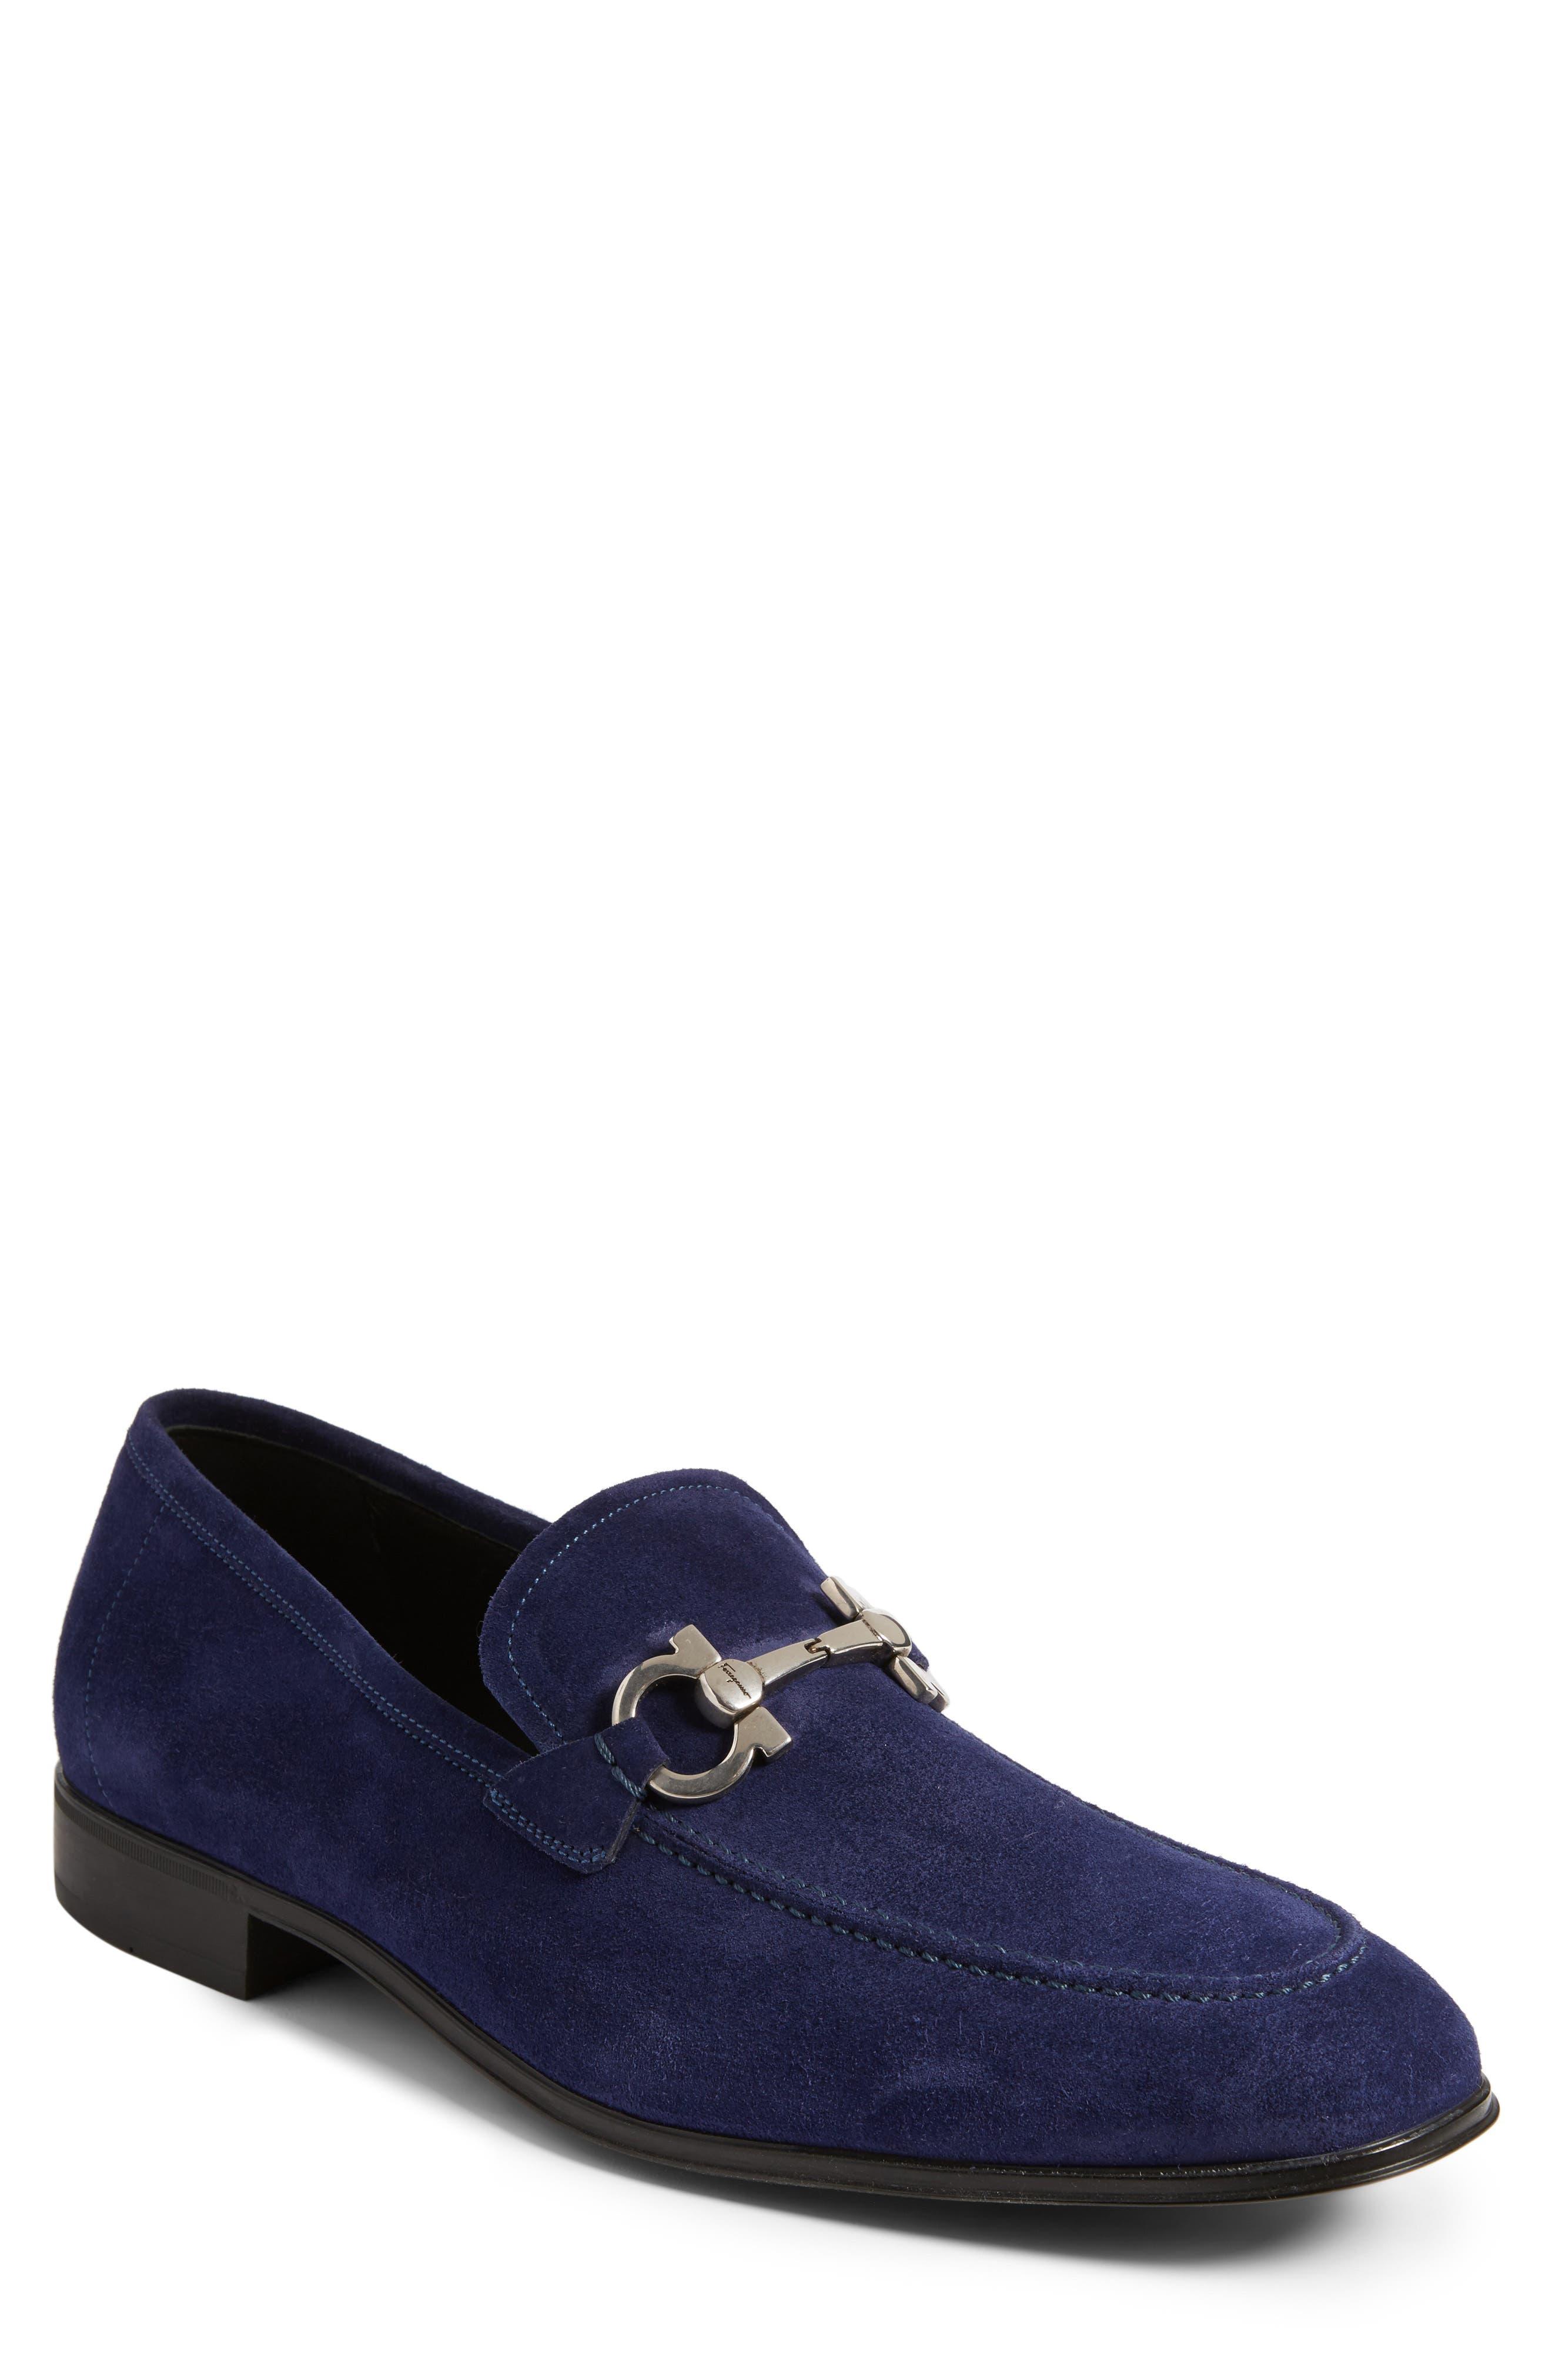 Nordstrom Mens Shoes Ferragamo